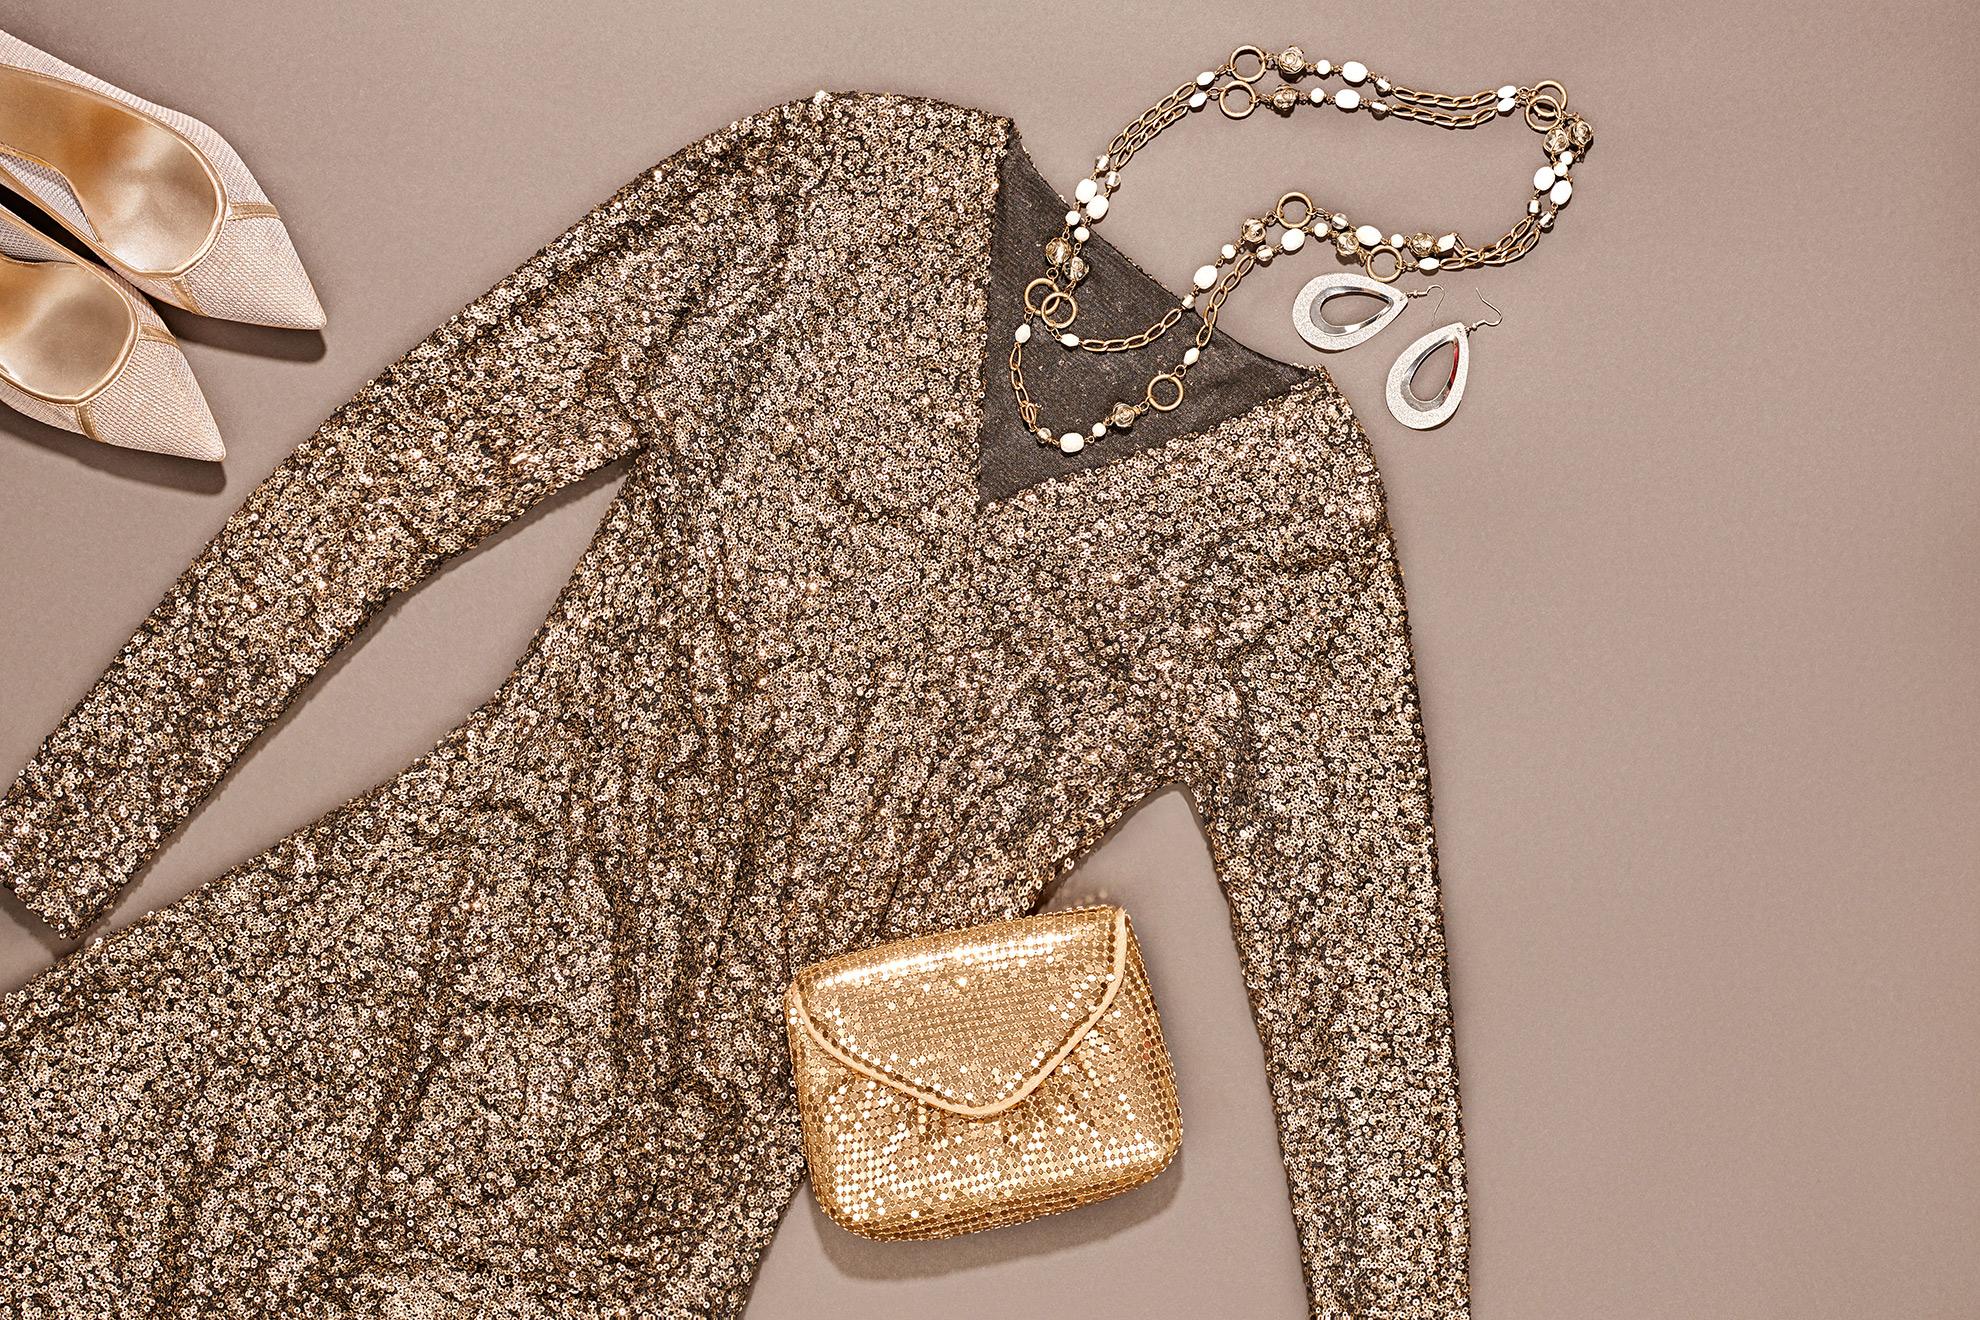 Złota sukienka, ilustracja do artykułu o żakietach do złotej sukienki